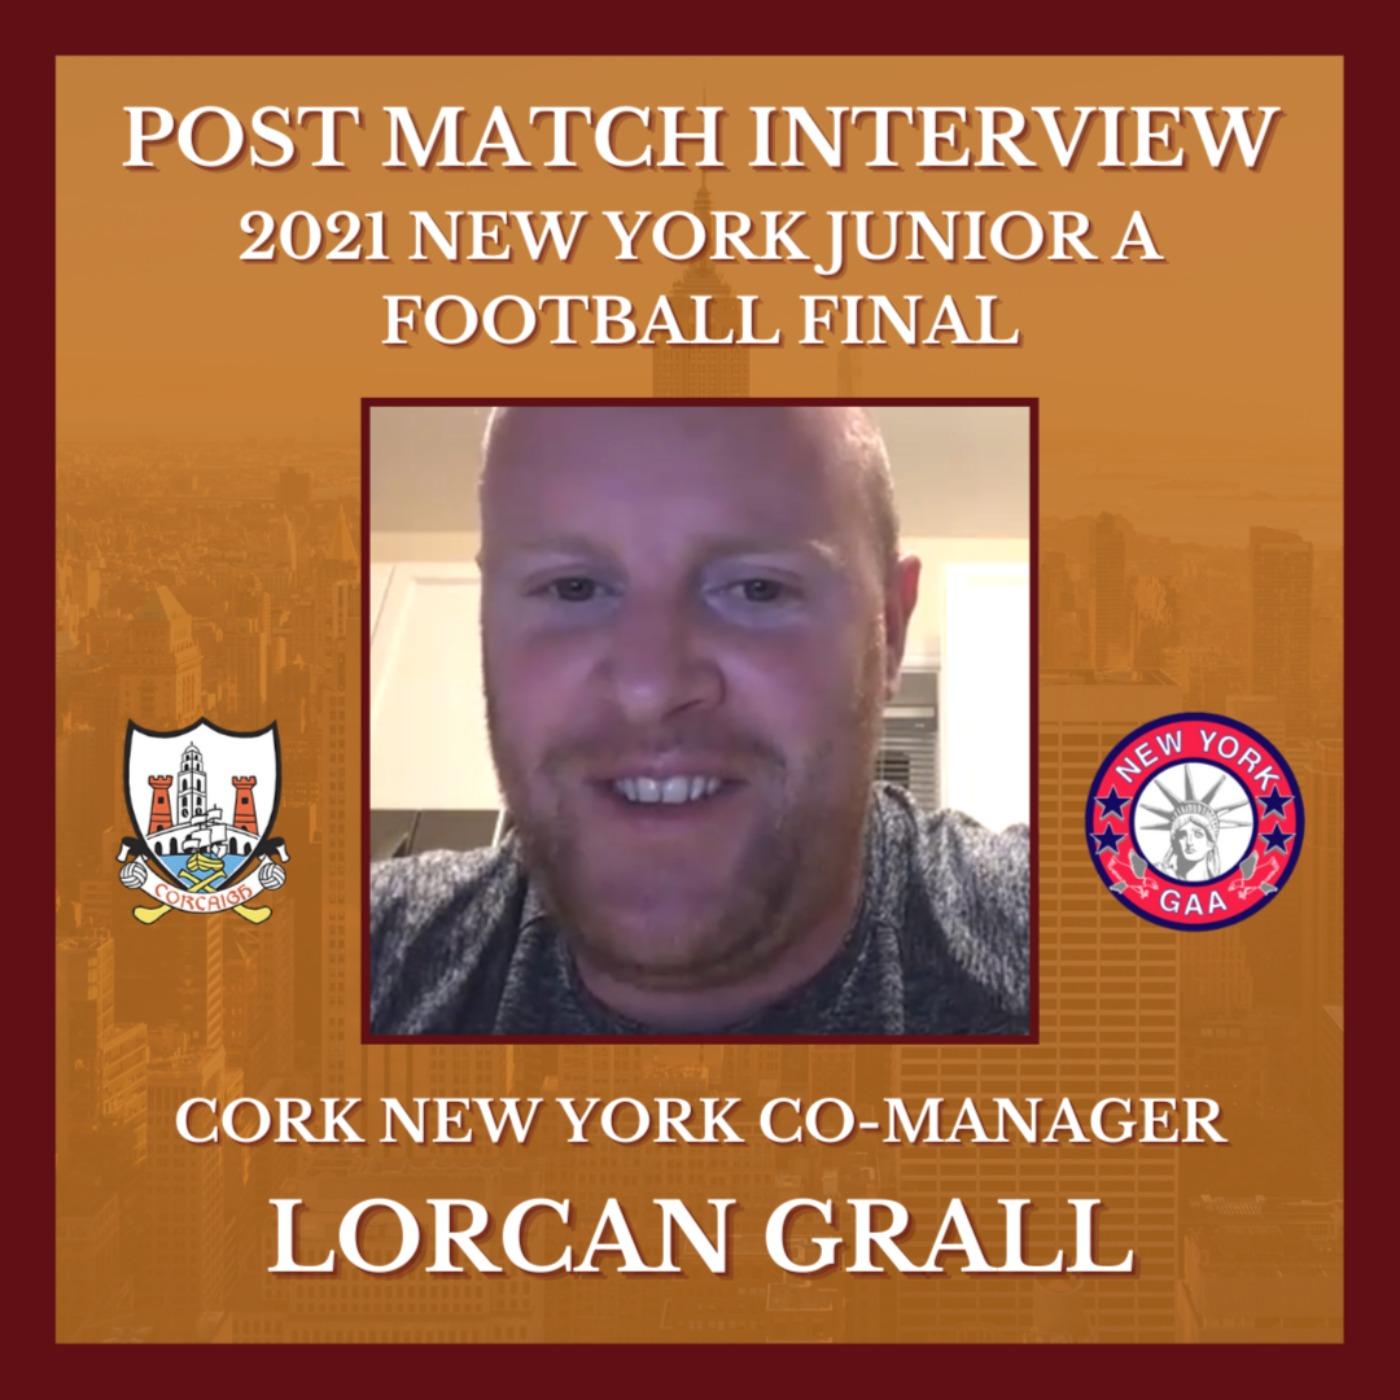 POST MATCH INTERVIEW: Cork New York Manager Lorcan Grall